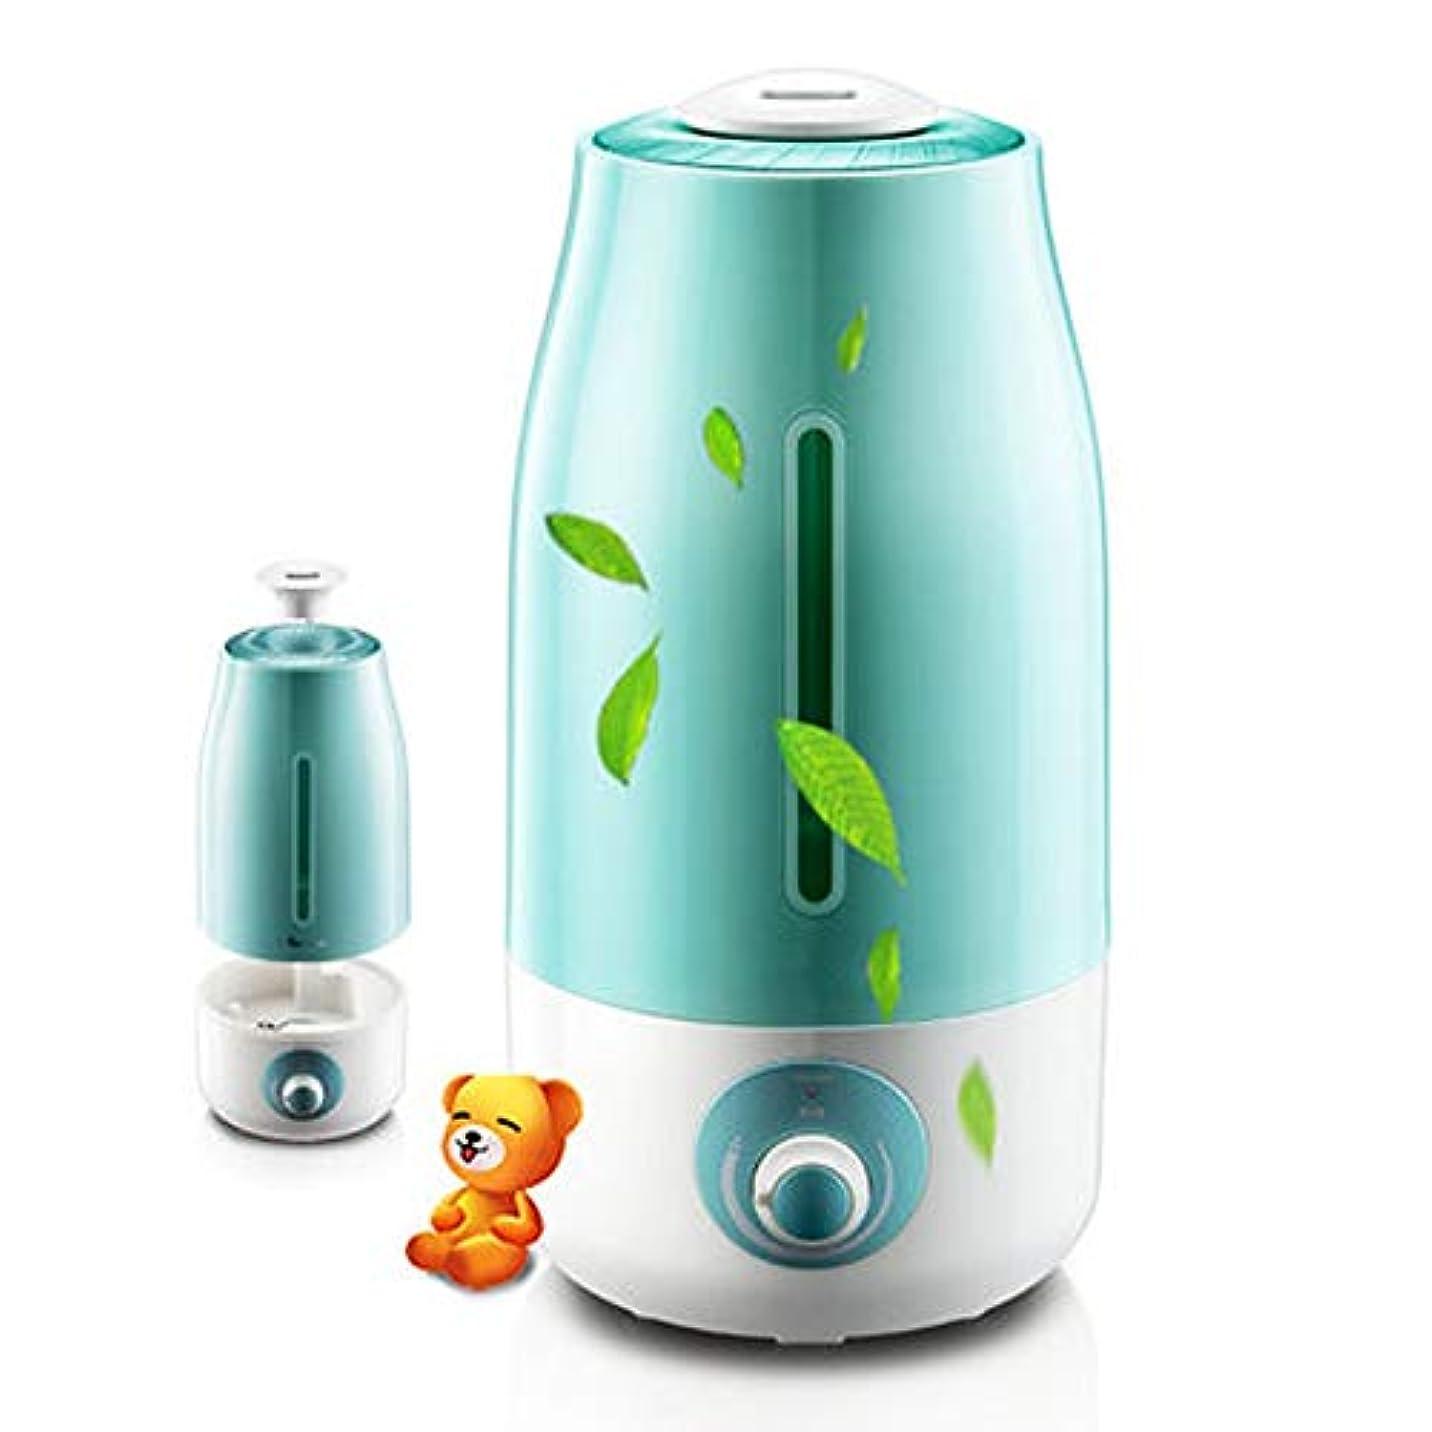 再開氷追い越す赤ちゃん用加湿器、寝室用ナイトスタンド用静かで小型の超音波加湿器、省スペース、フィルターレス、自動シャットオフ、グリーン